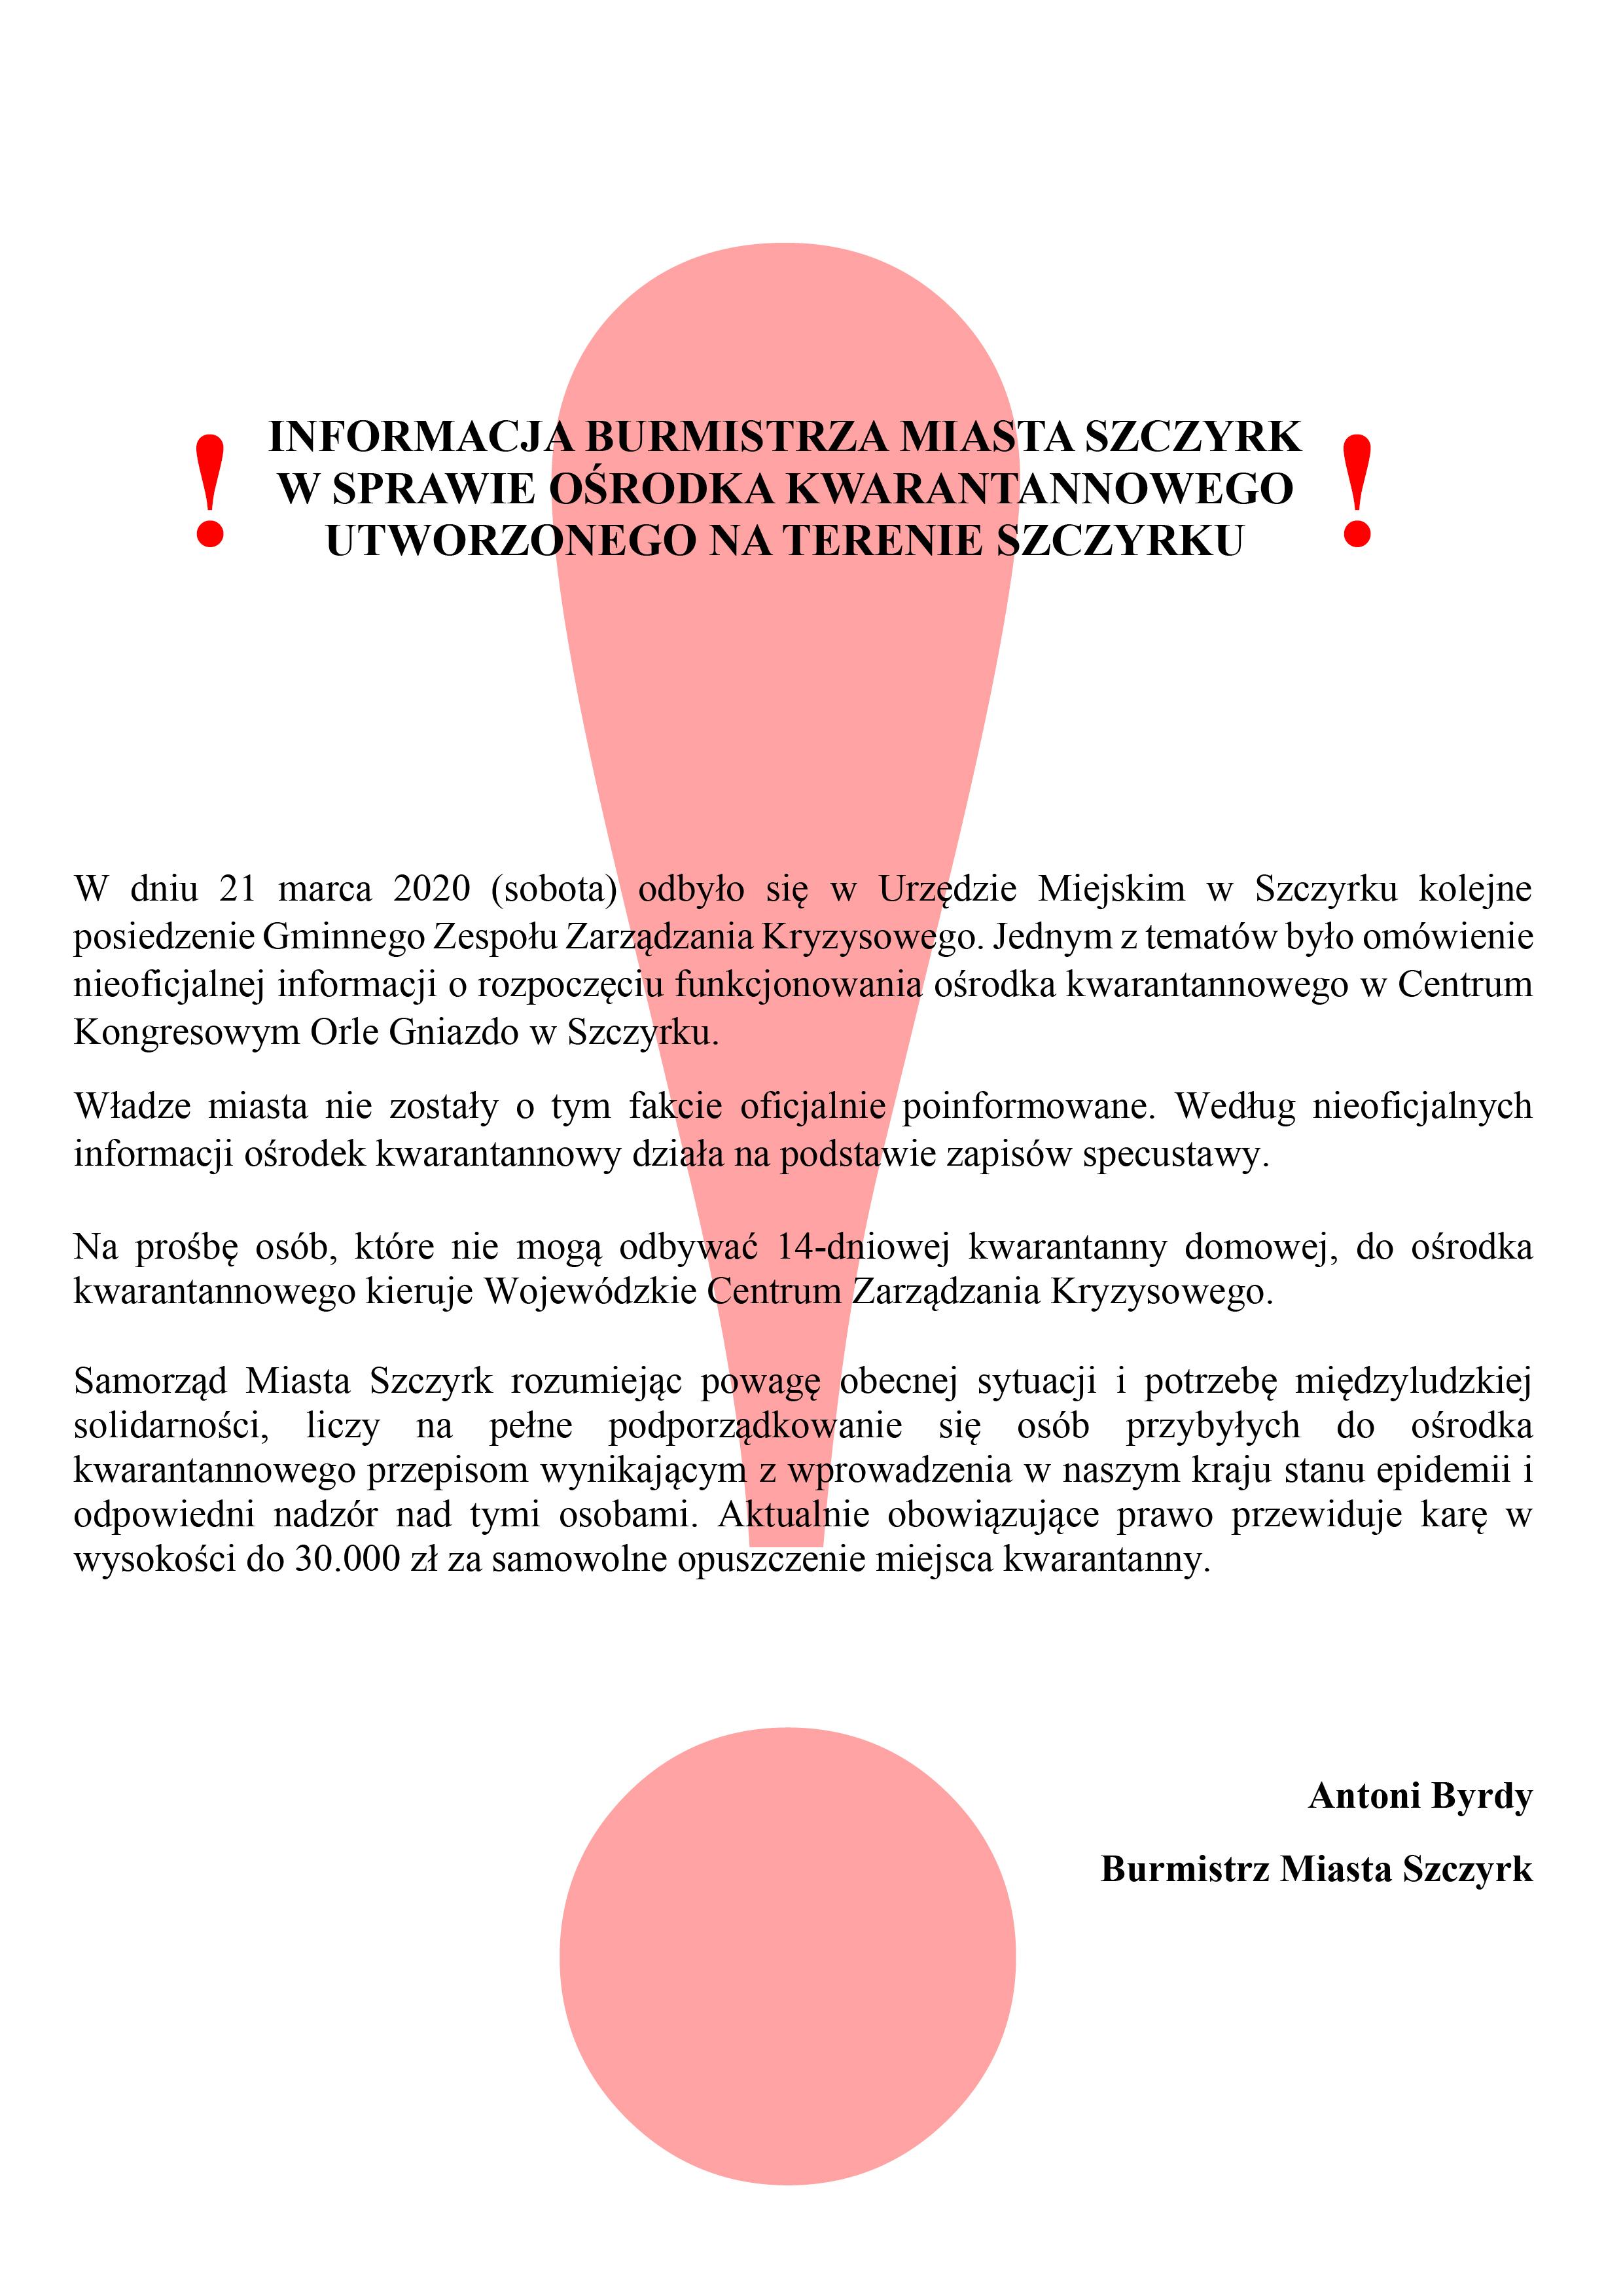 Komunikat Burmistrza - Ośrodek kwarantannowy_wykrzyknik